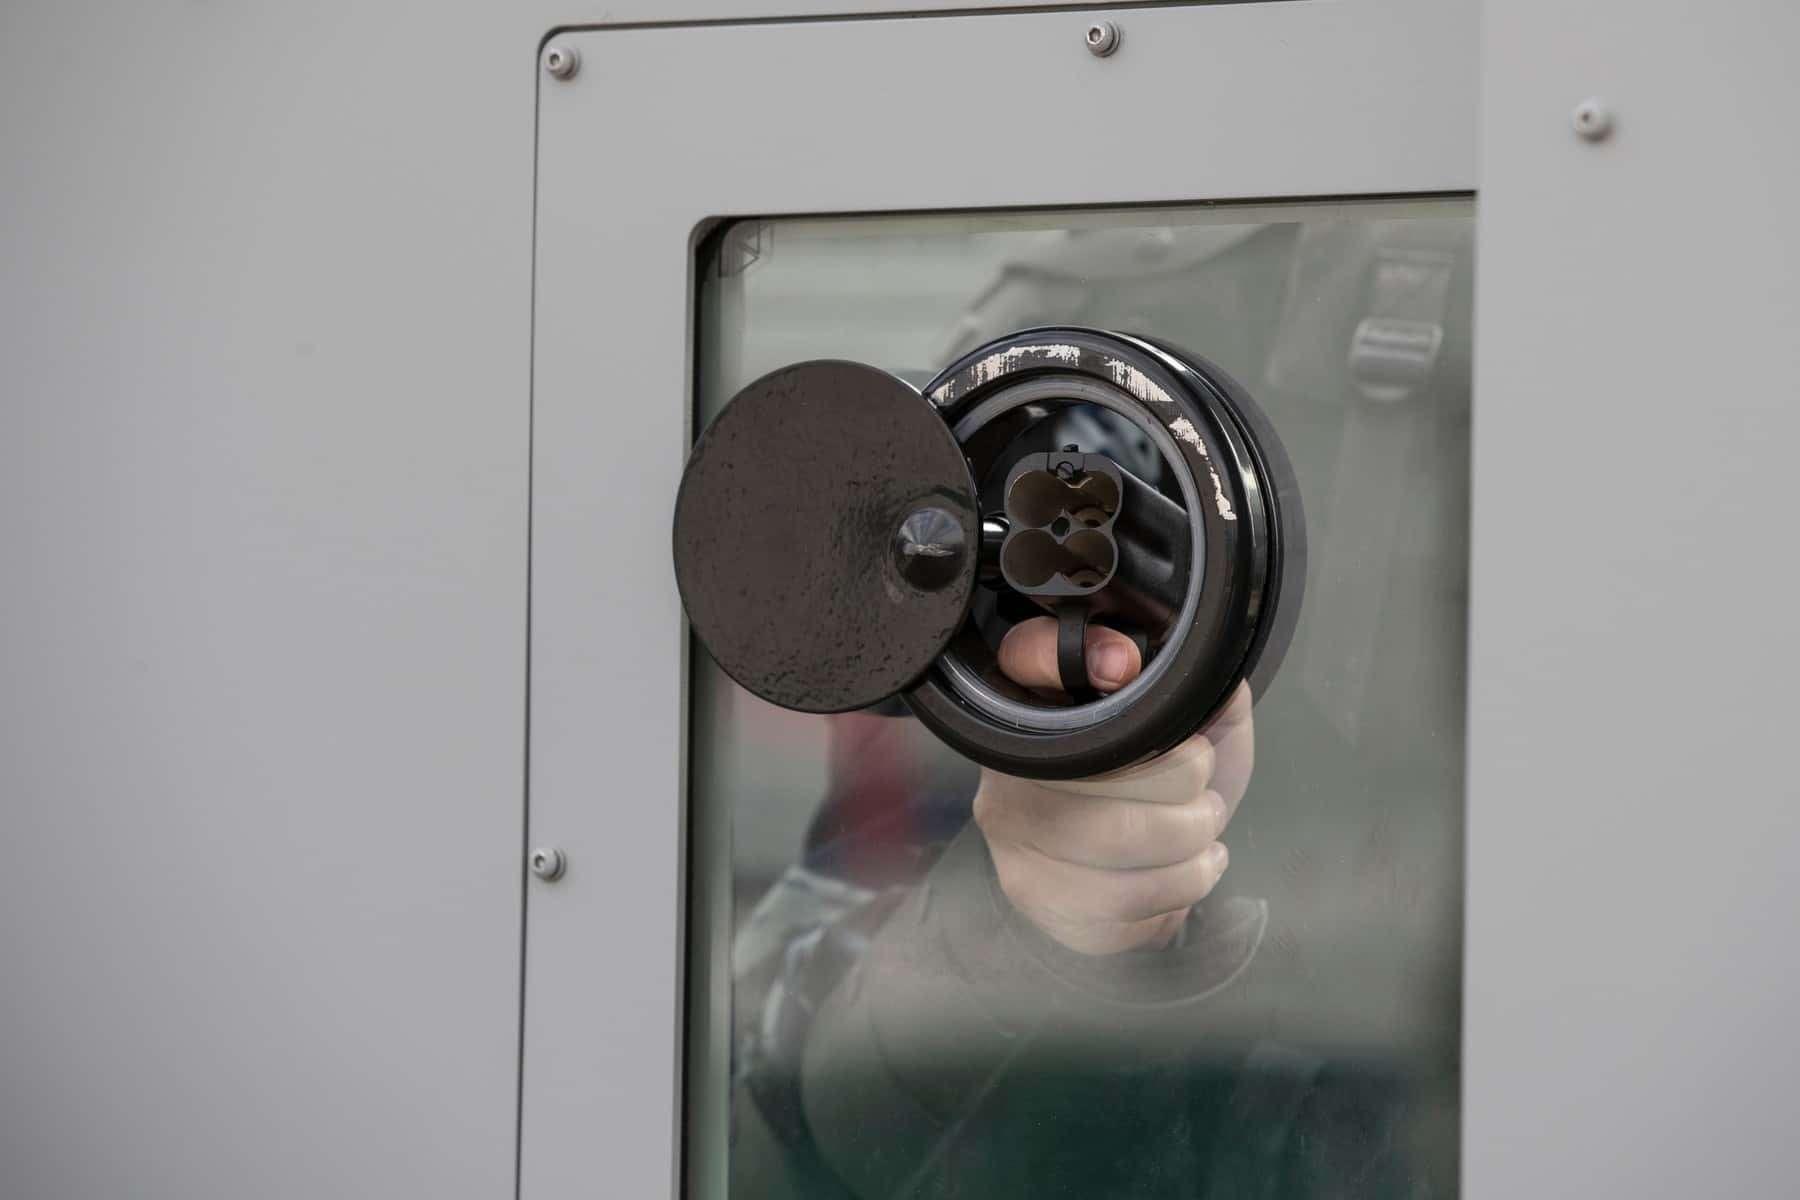 Комплекс «Стена»: Росгвардия получит новую технику дляразгона митингов— фото 906551